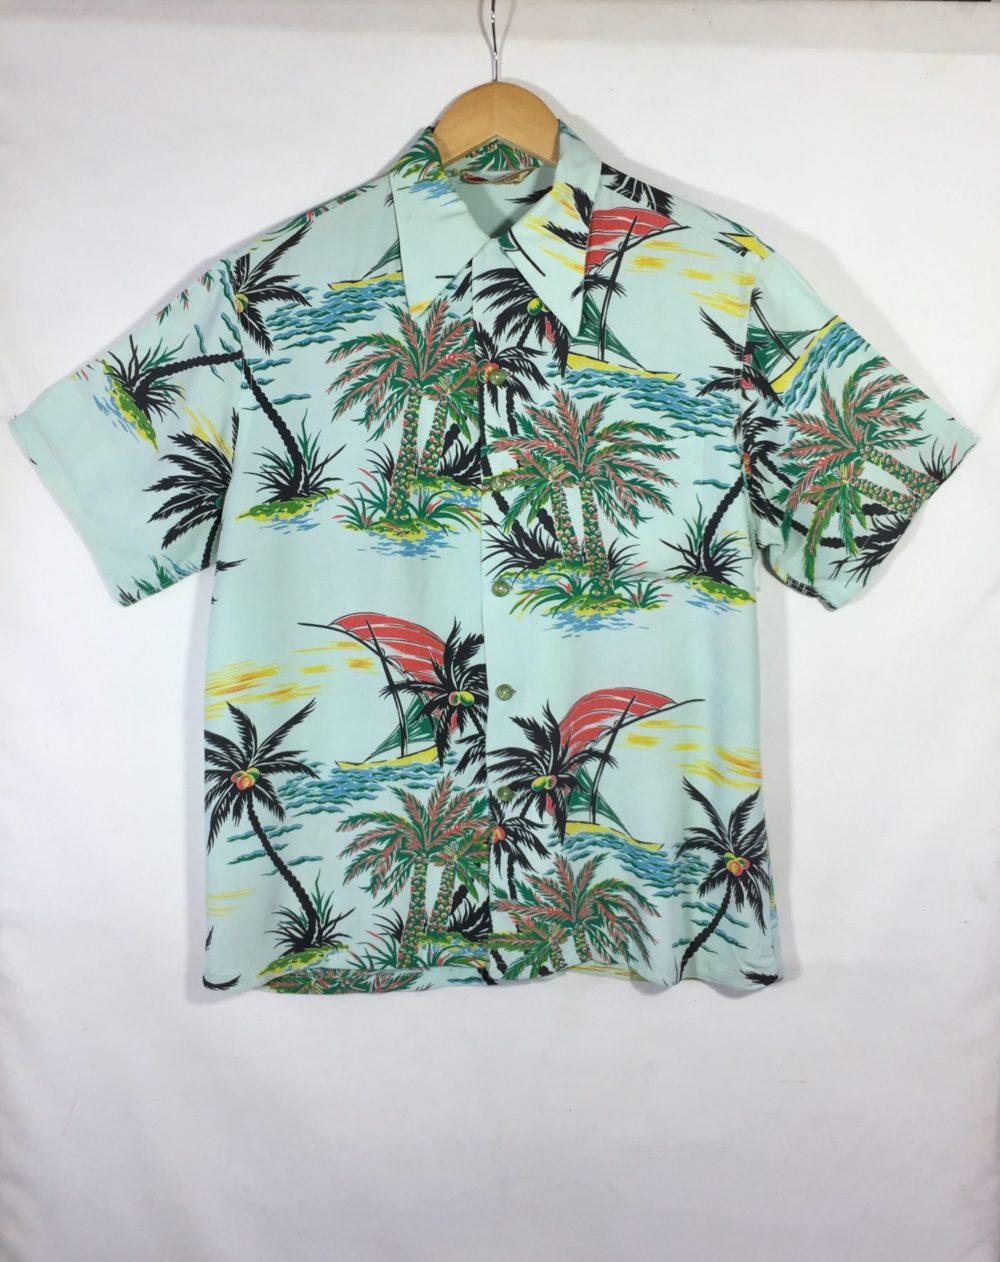 Vintage 1940's McGregor aloha shirts